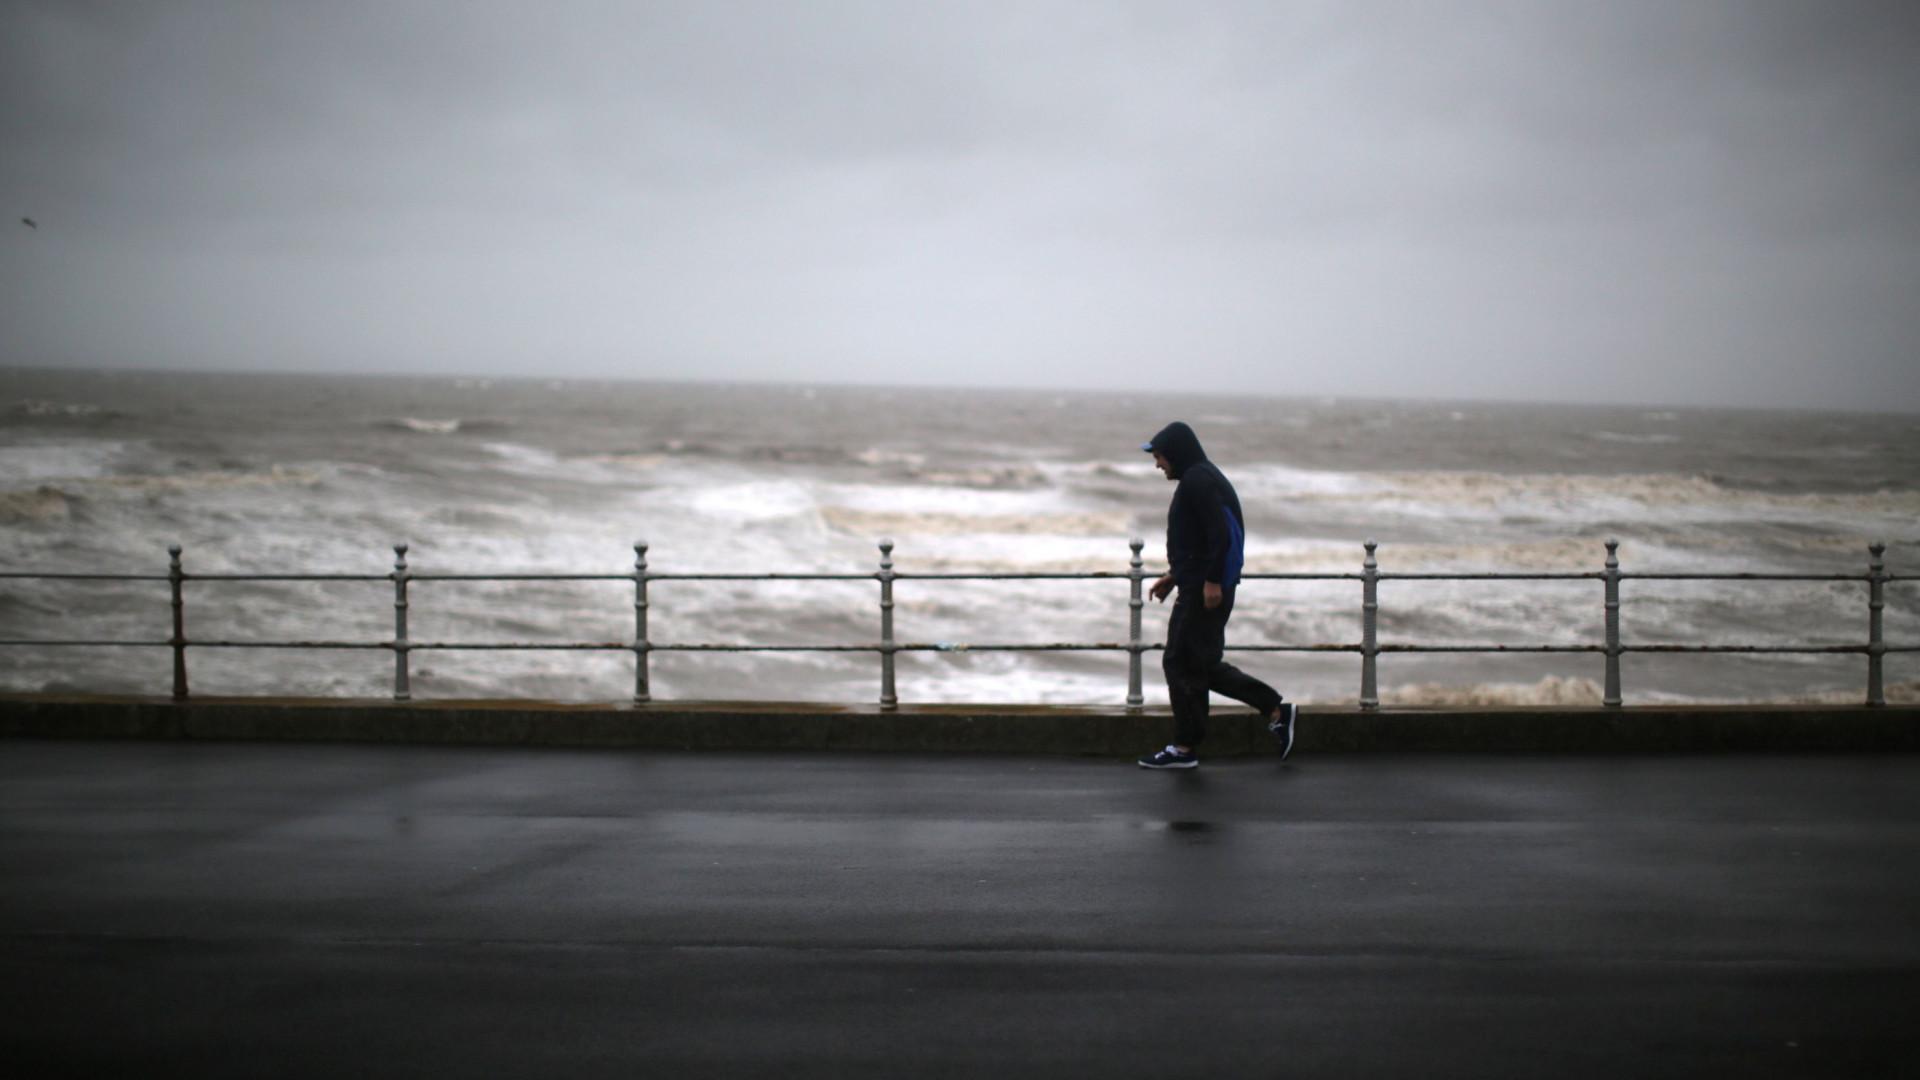 Capitania do Funchal cancela aviso de mau tempo emitido para a Madeira